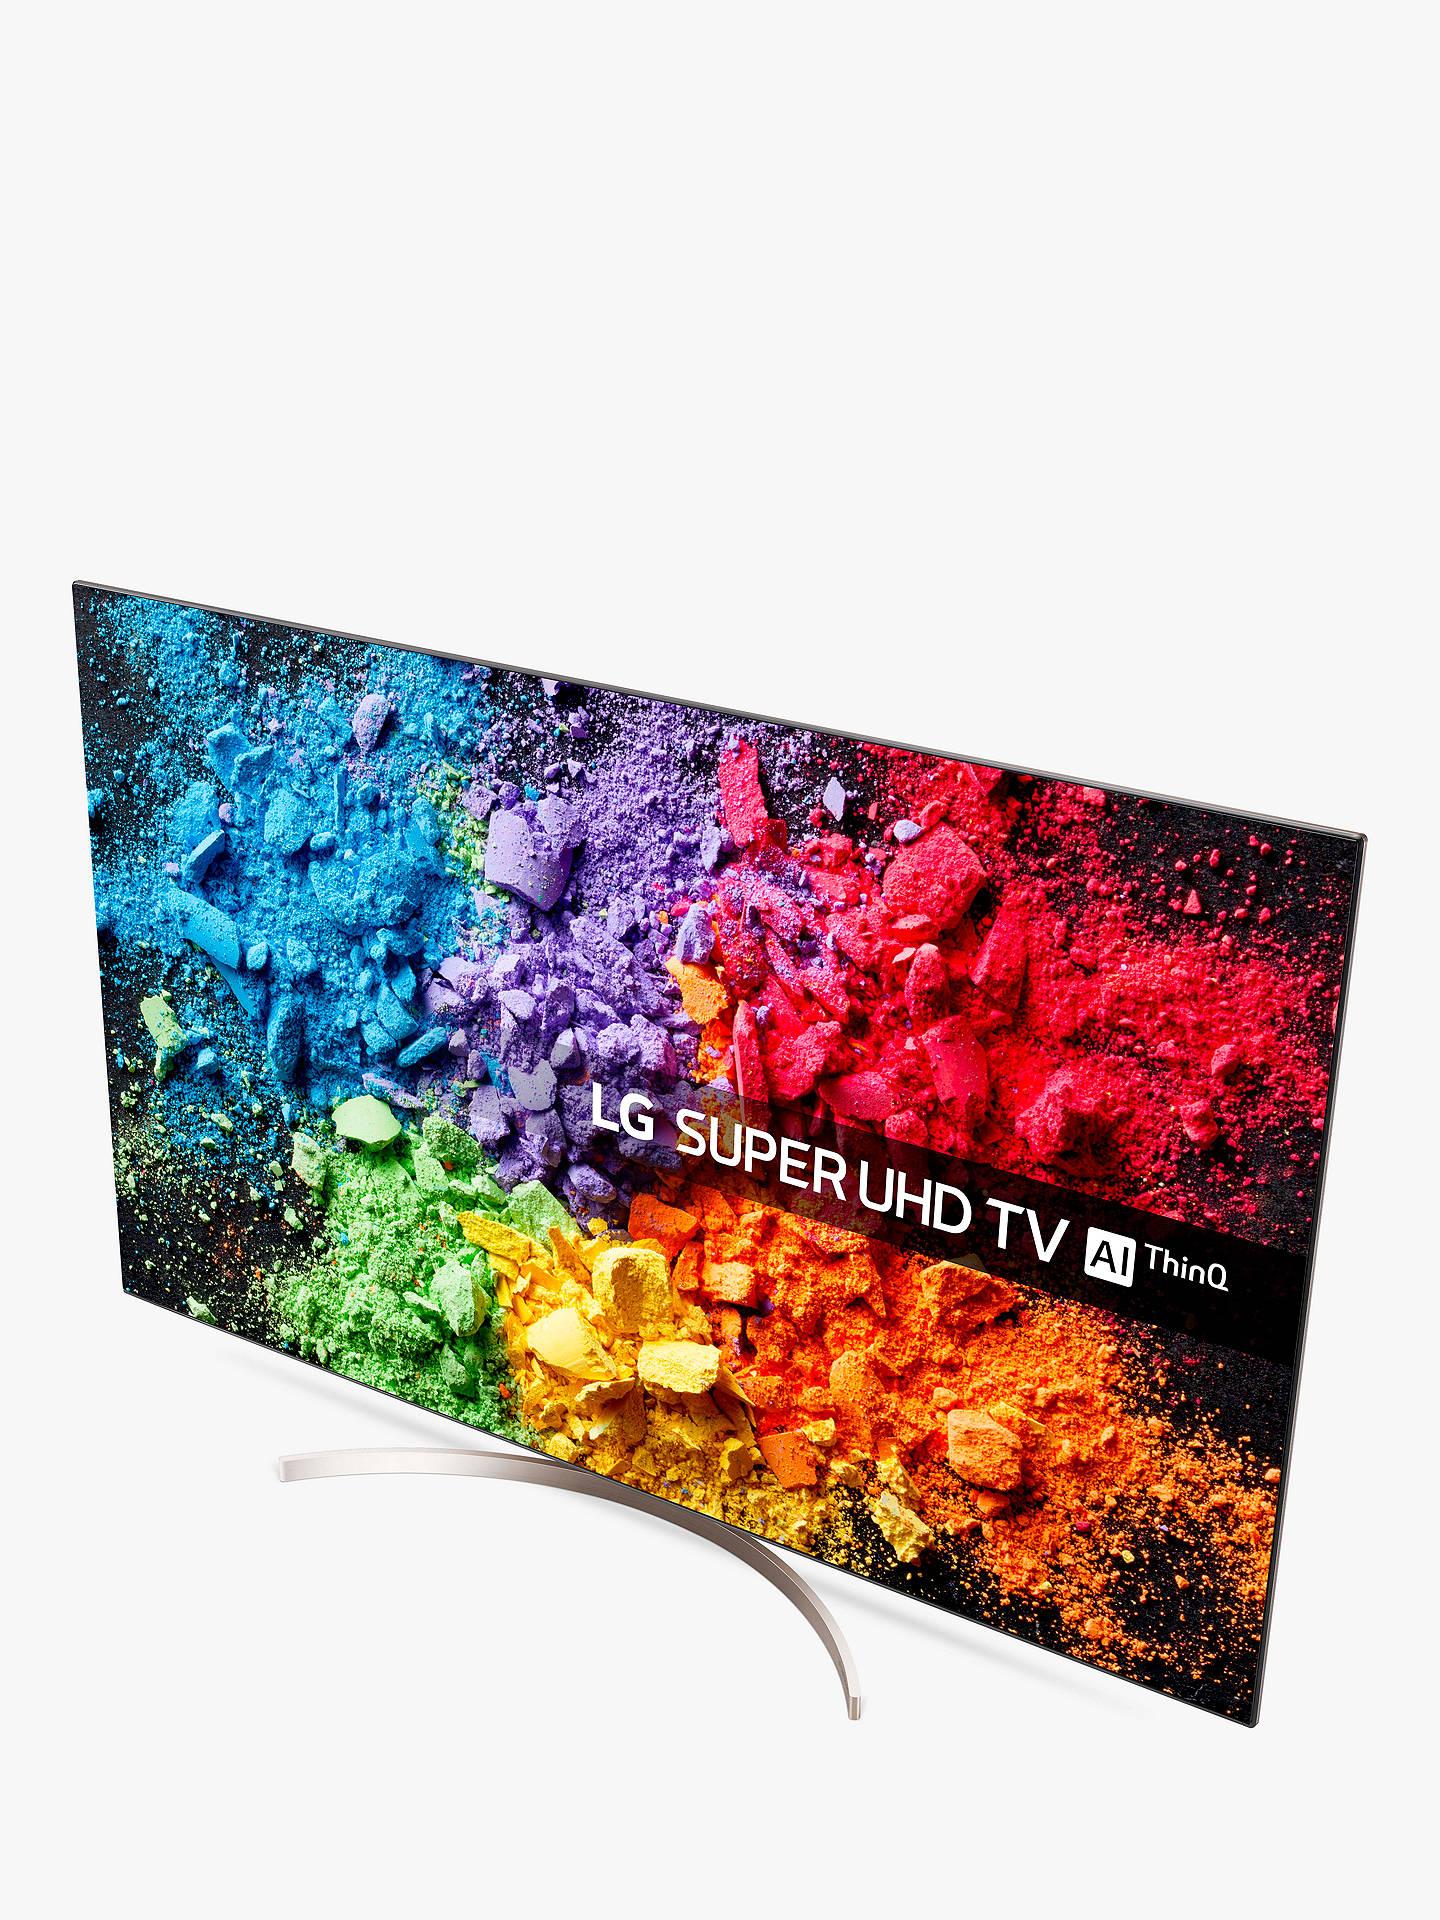 LG 55SK9500PLA LED HDR Super UHD 4K Ultra HD Smart TV, 55